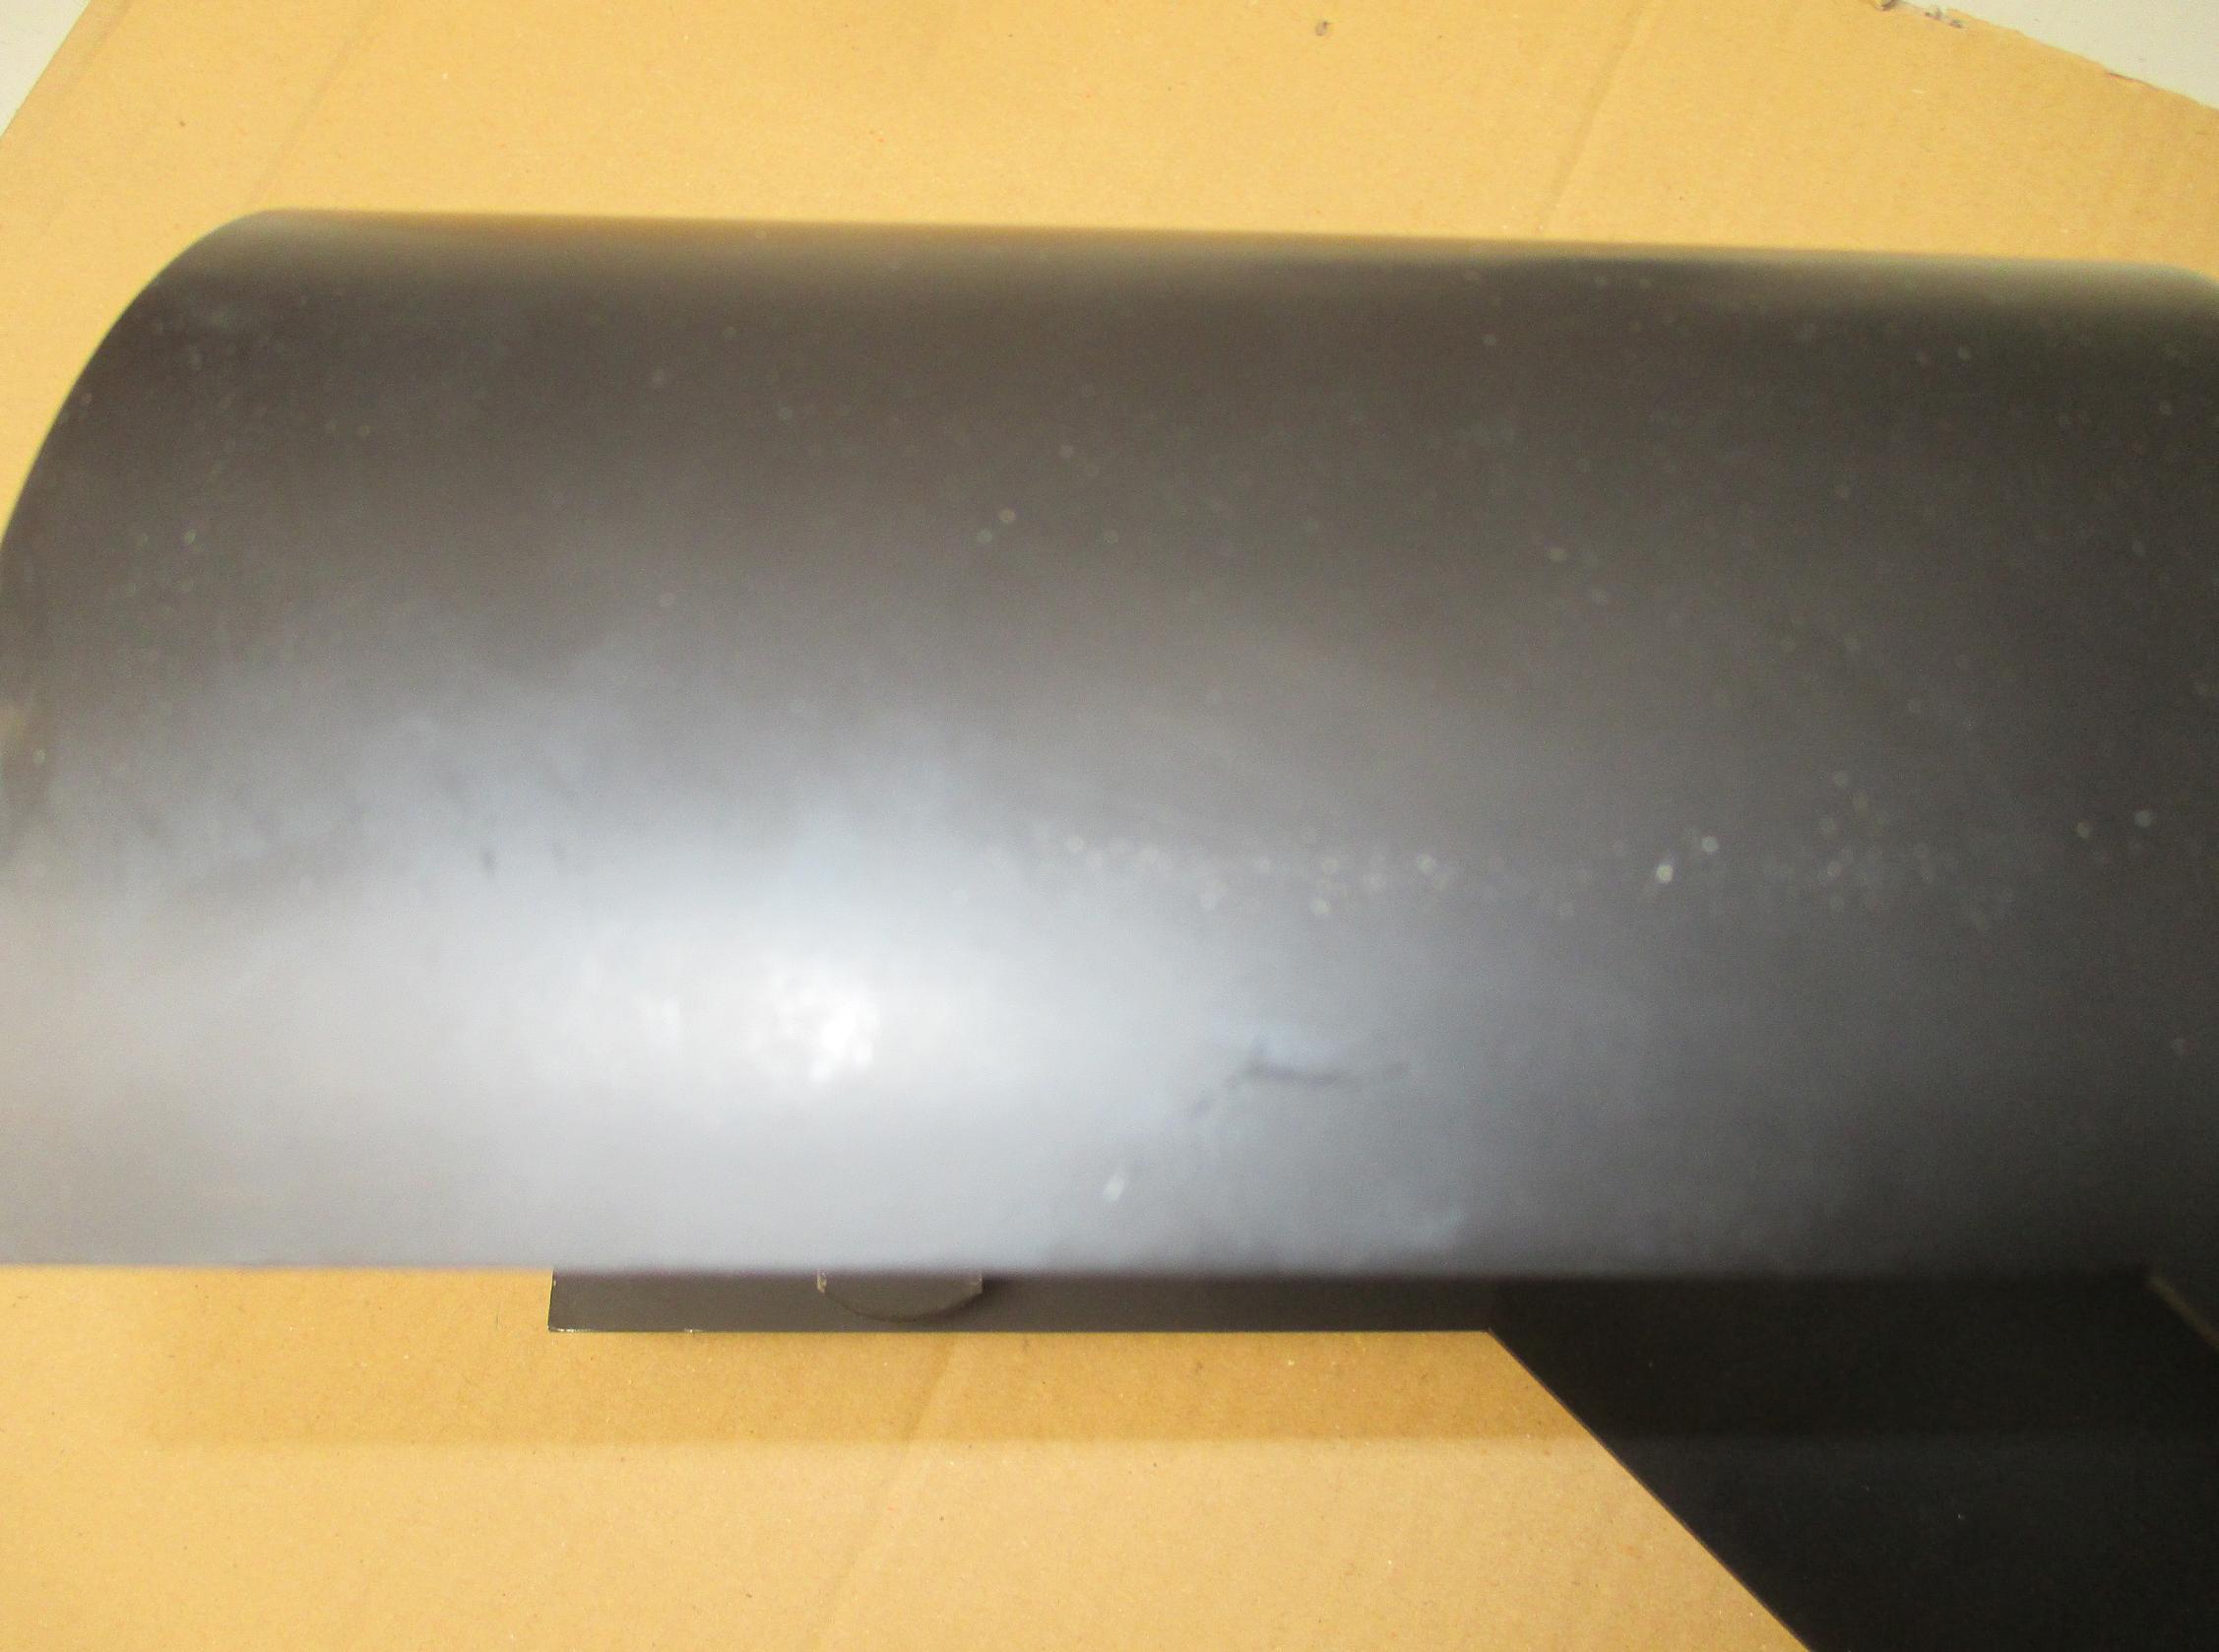 B-Ware Hitzeschutz Rohrblende Winkel 90° Senotherm schwarz Ø 150 mm Bild 4